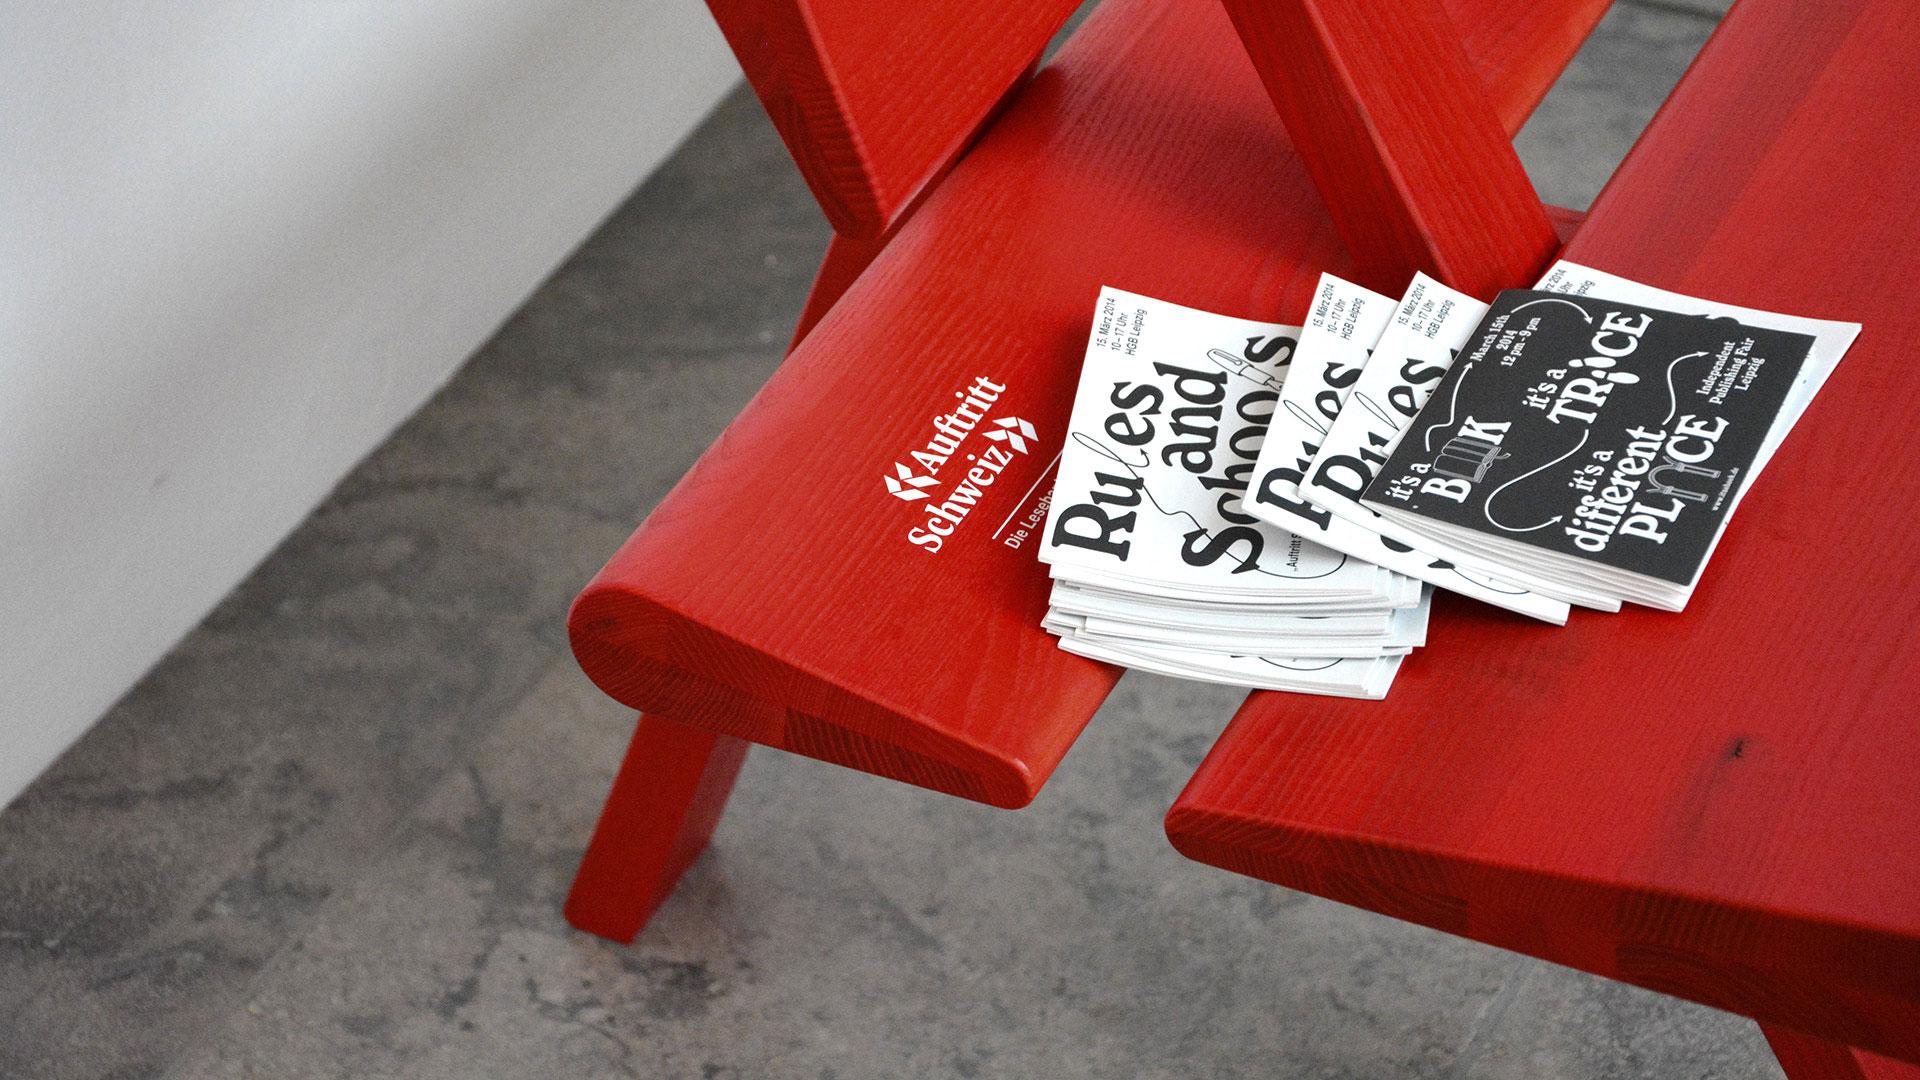 l'équipe [visuelle] Auftritt Schweiz Corporate Design Webdesign